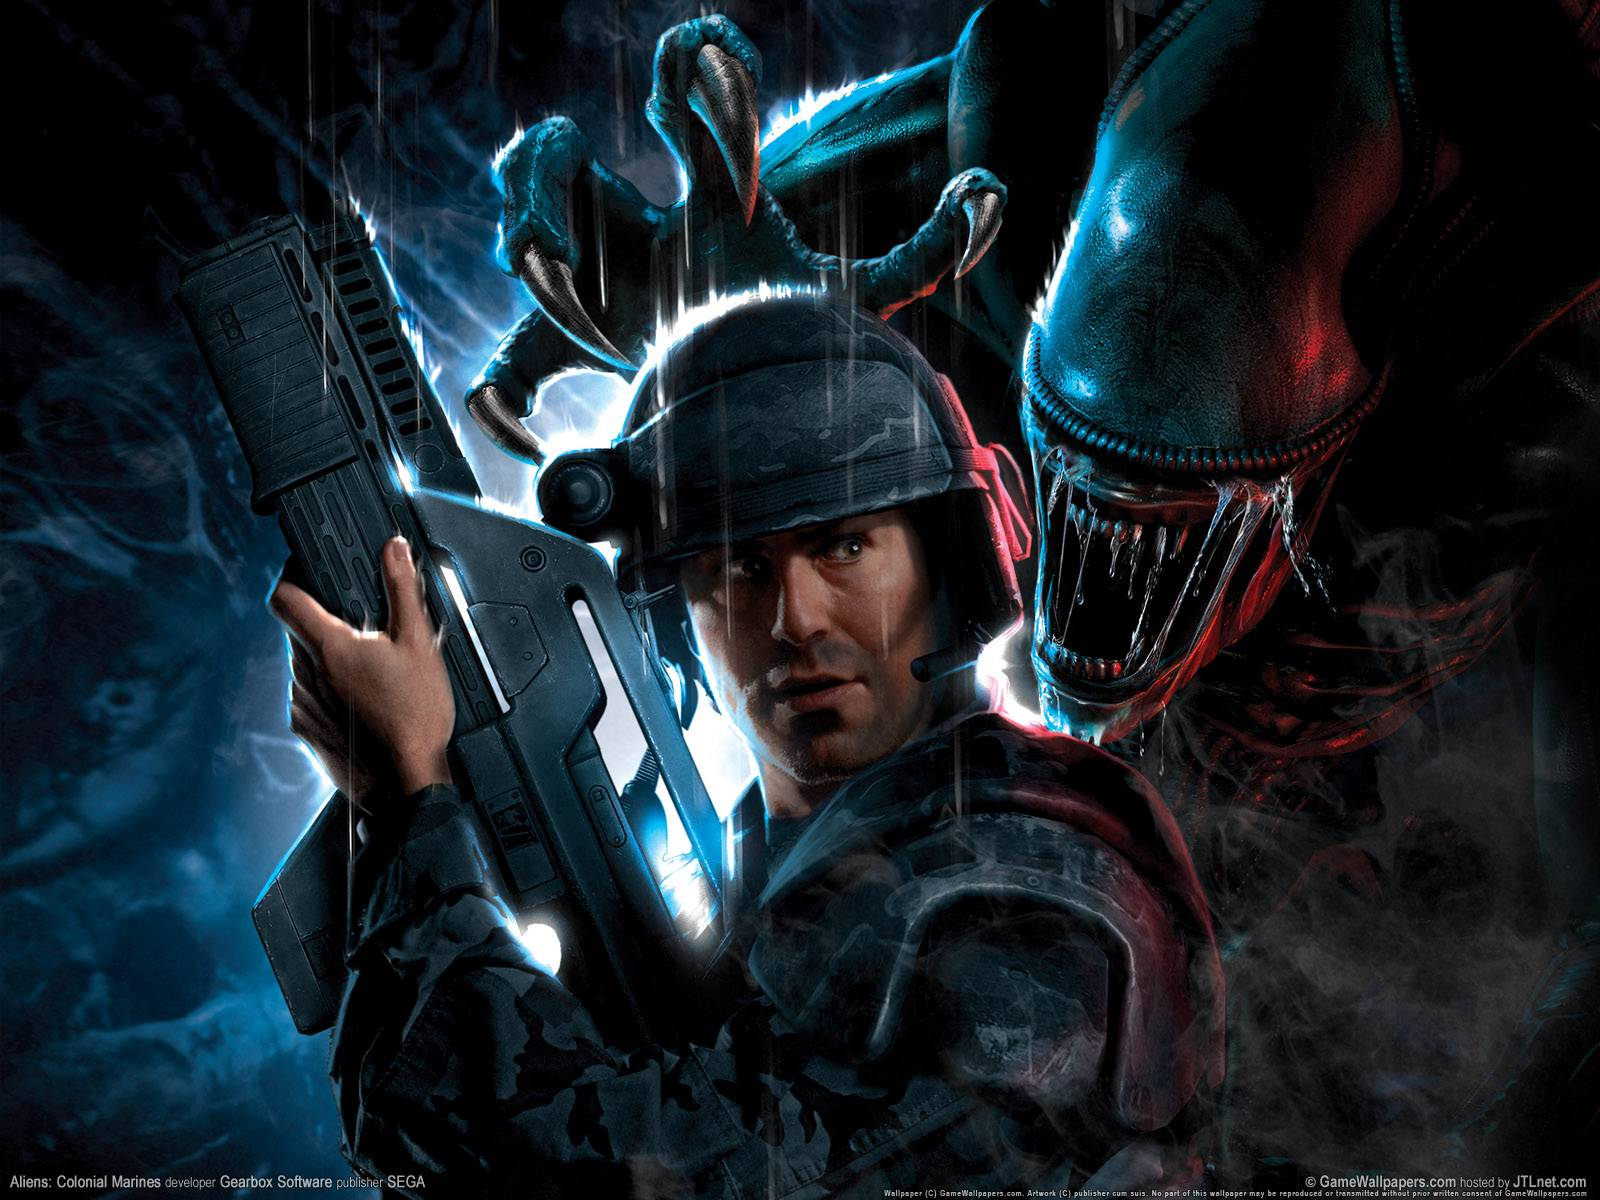 تصویر  Aliens Colonial Marines Wallpapers in HD « Video Game News ...